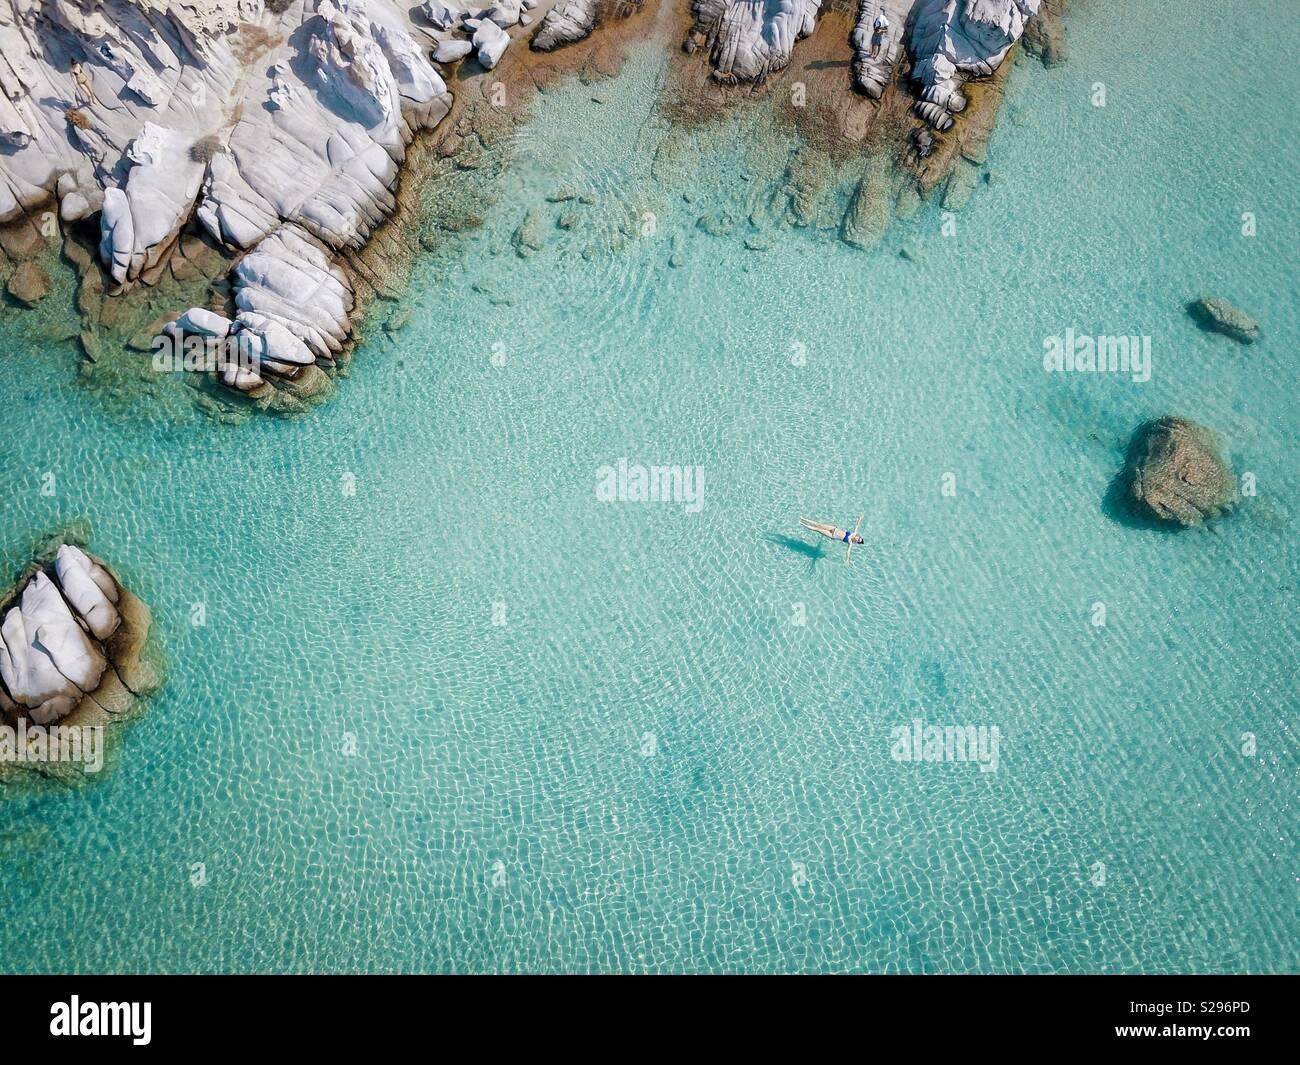 Girl flottant sur l'eau Photo Stock